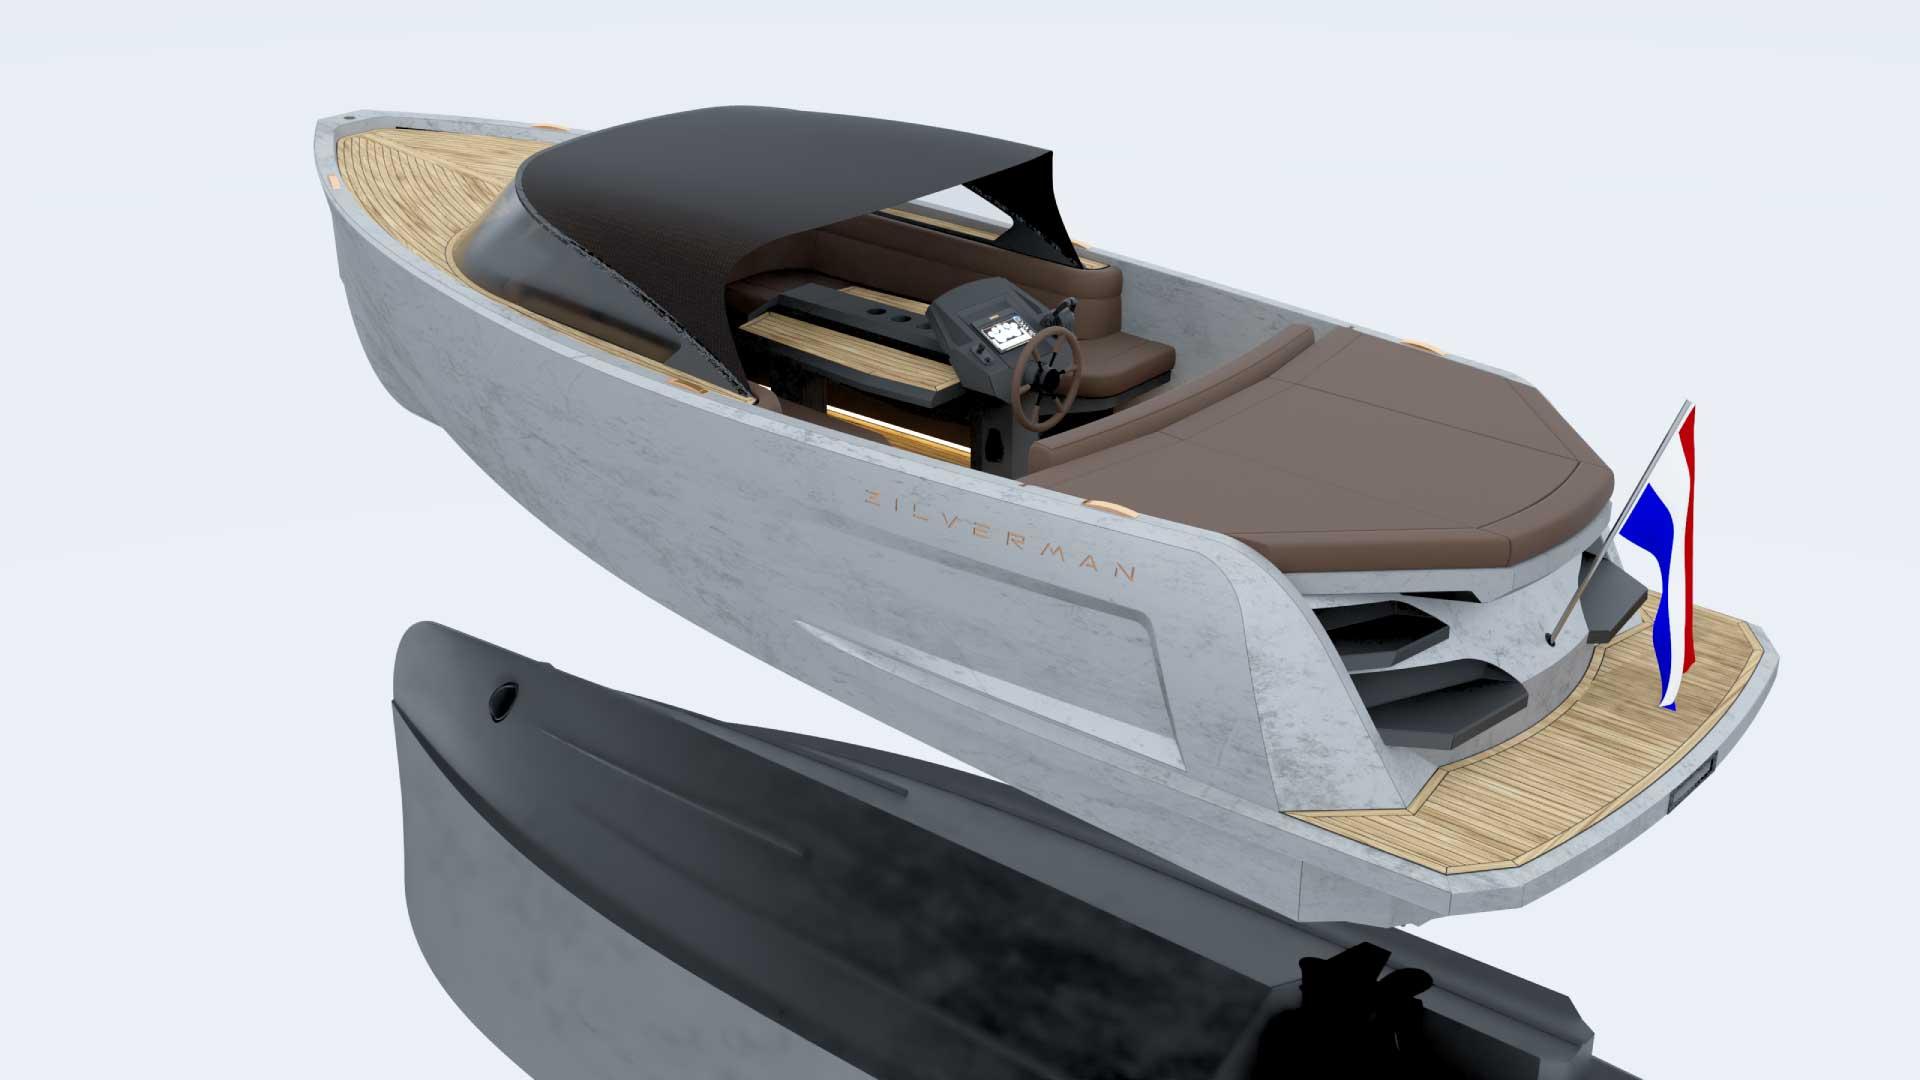 zilverman 800 outboard